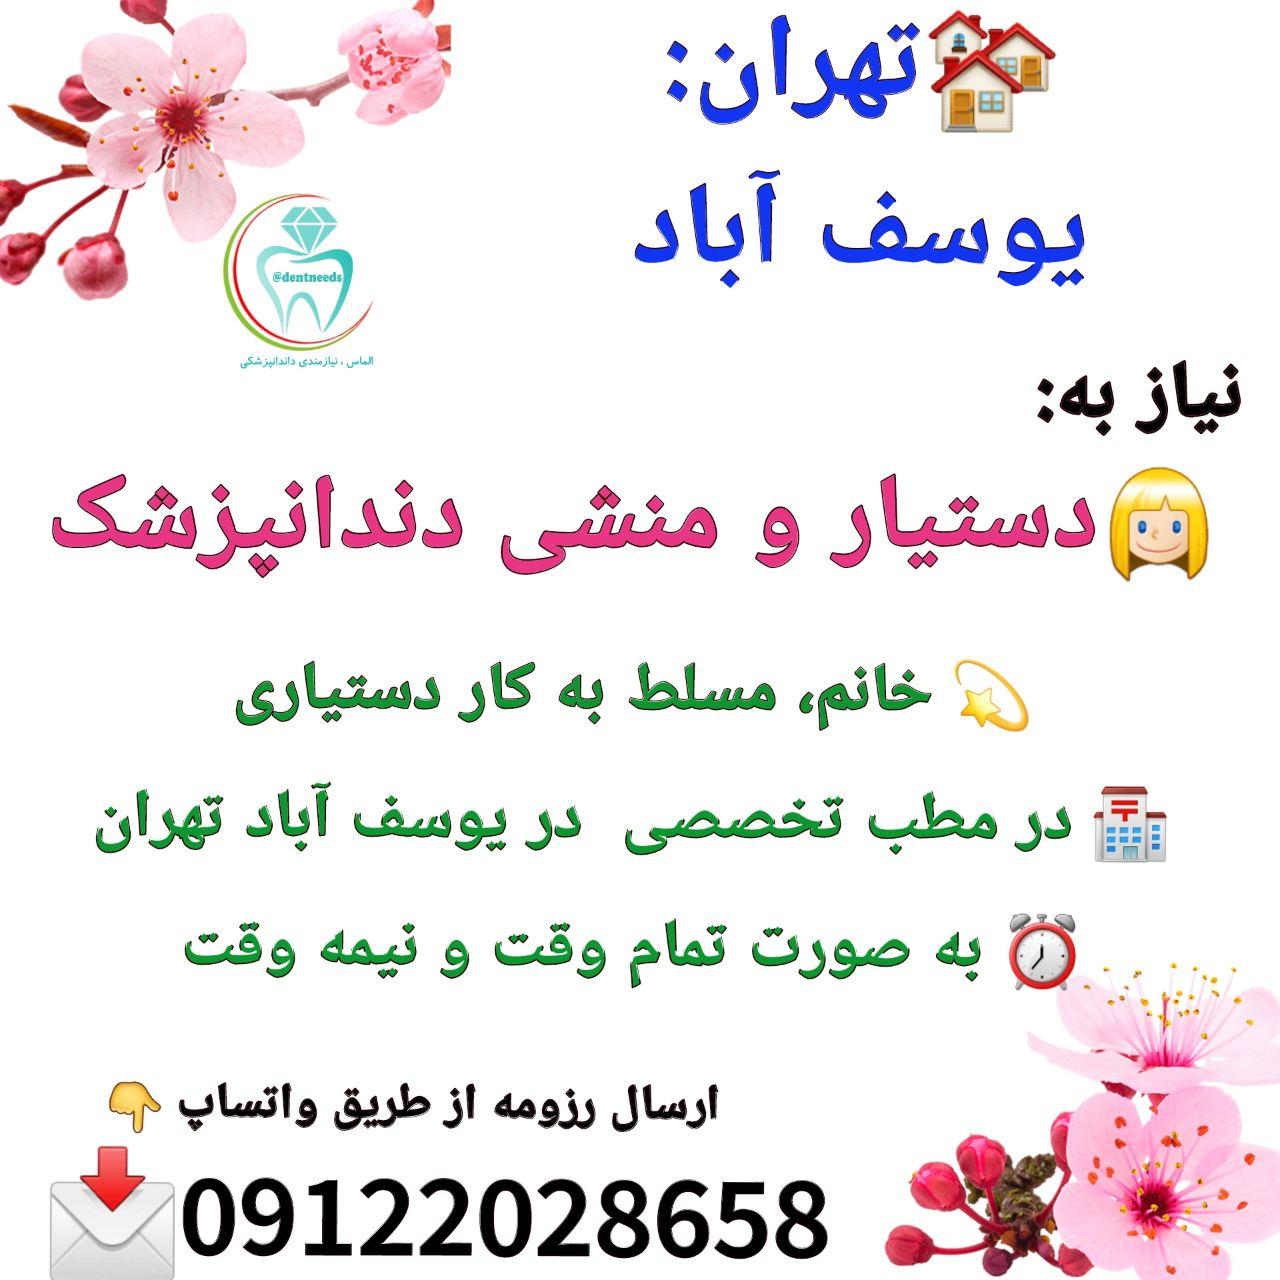 تهران: یوسف آباد، نیاز به دستیار و منشی دندانپزشک